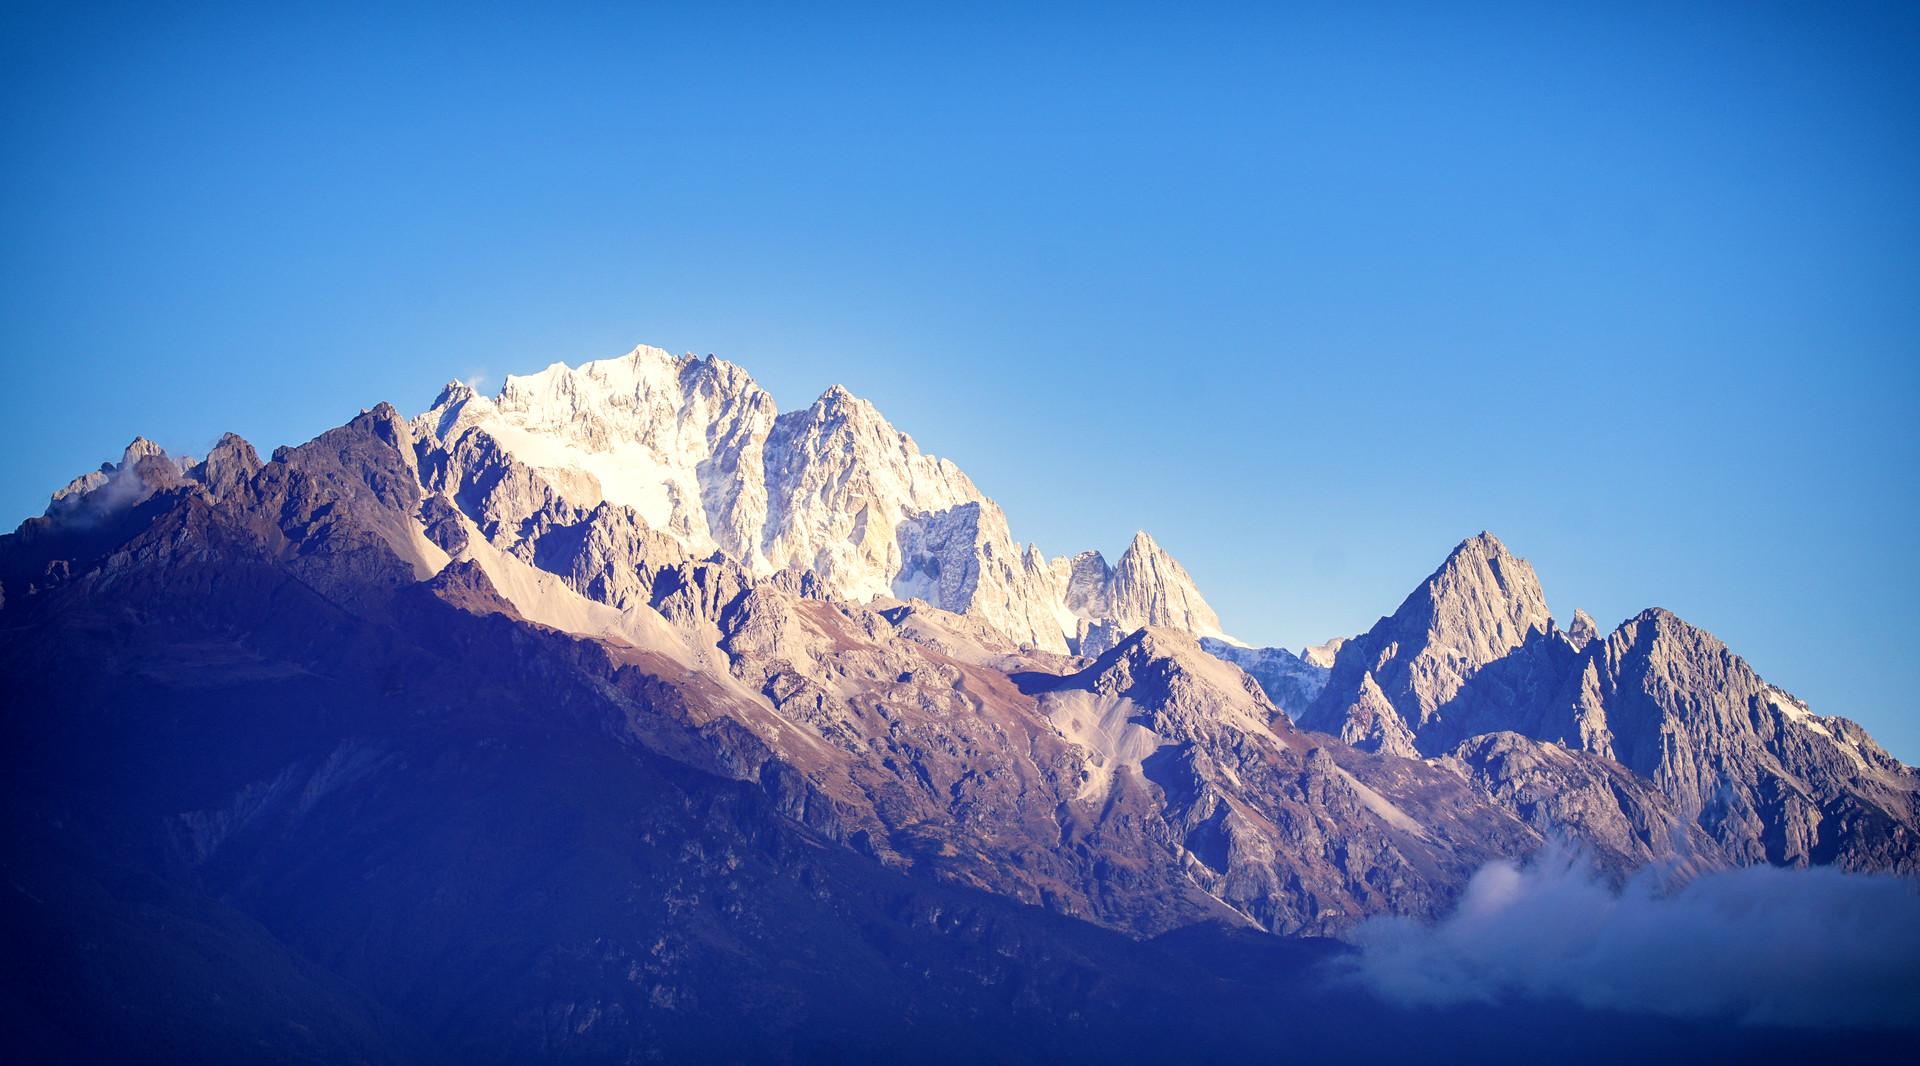 玉龙雪山封面图